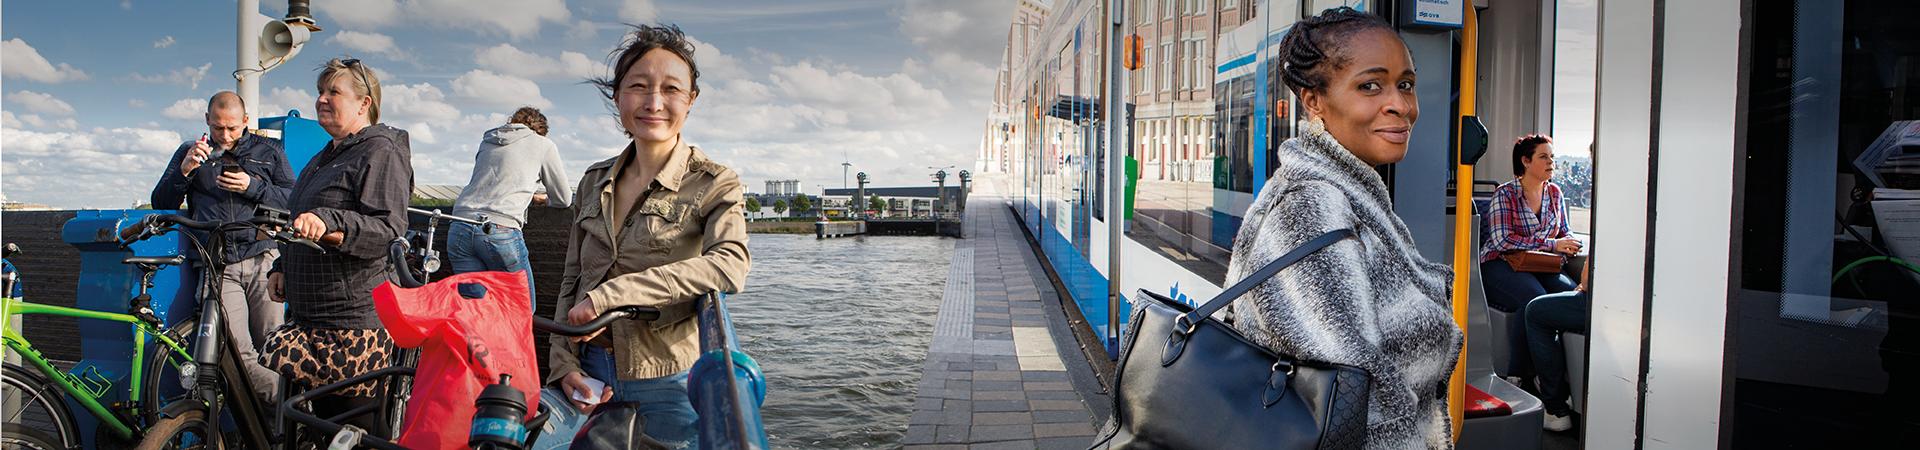 Wij nemen je mee in het verbeteren van de bereikbaarheid van de regio Amsterdam